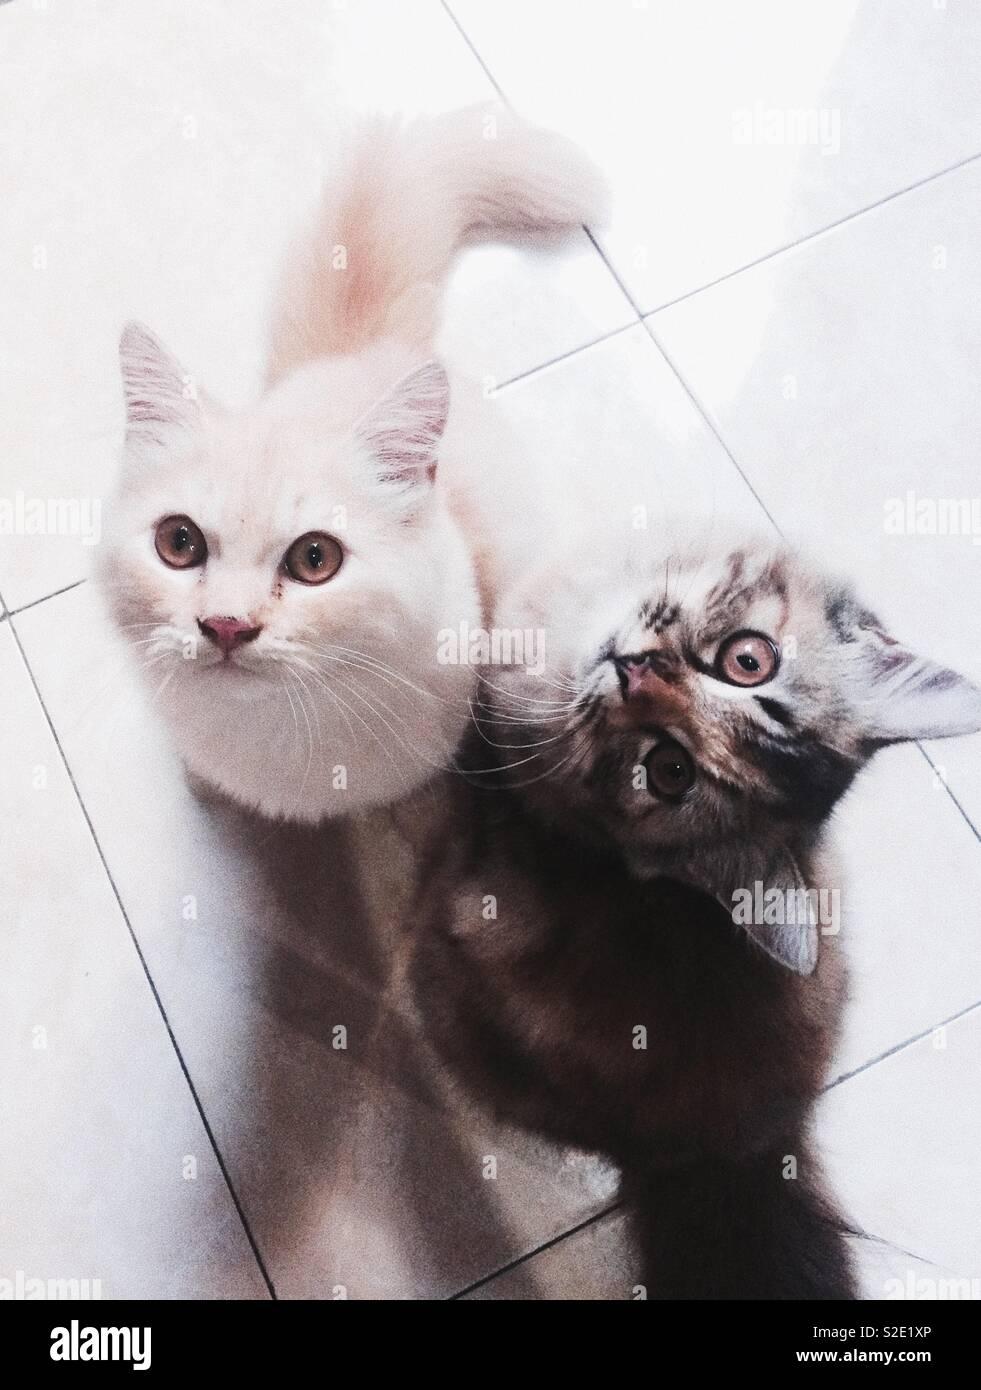 Vuoi giocare con noi? Immagini Stock